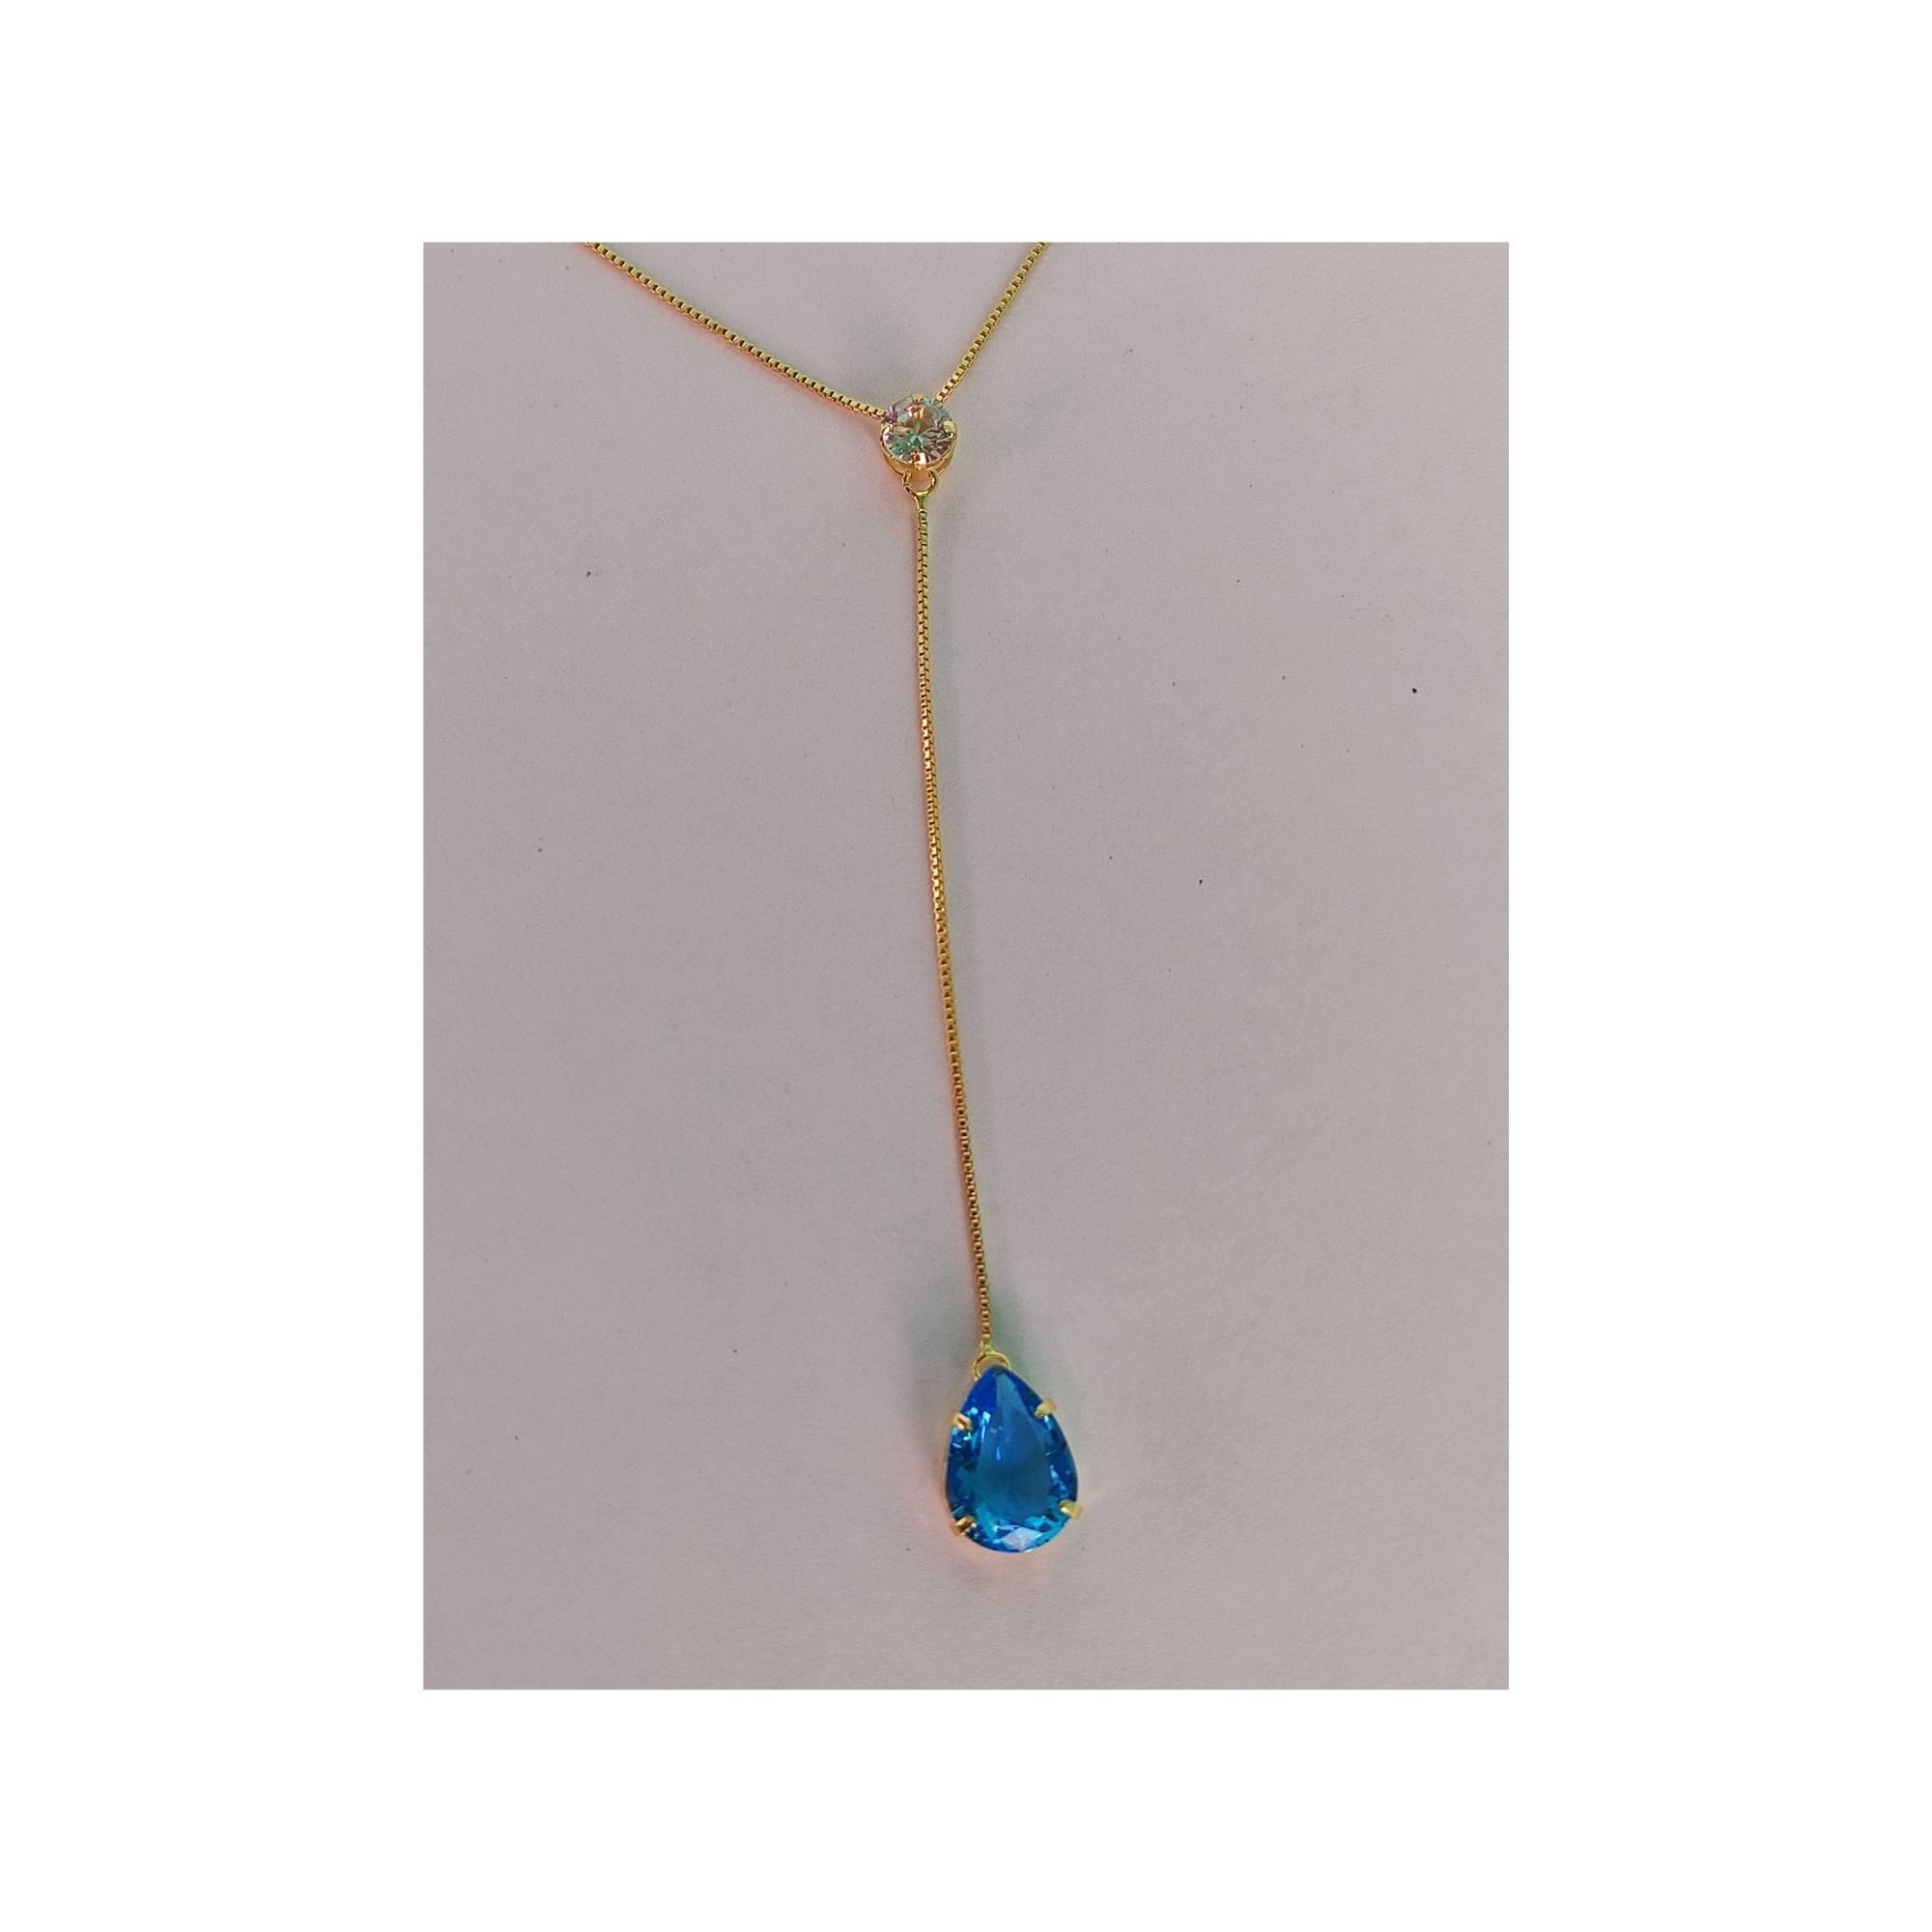 Conjunto Ana Gravata com Ponto de Luz e zircônia azul Banhada a Ouro 18K